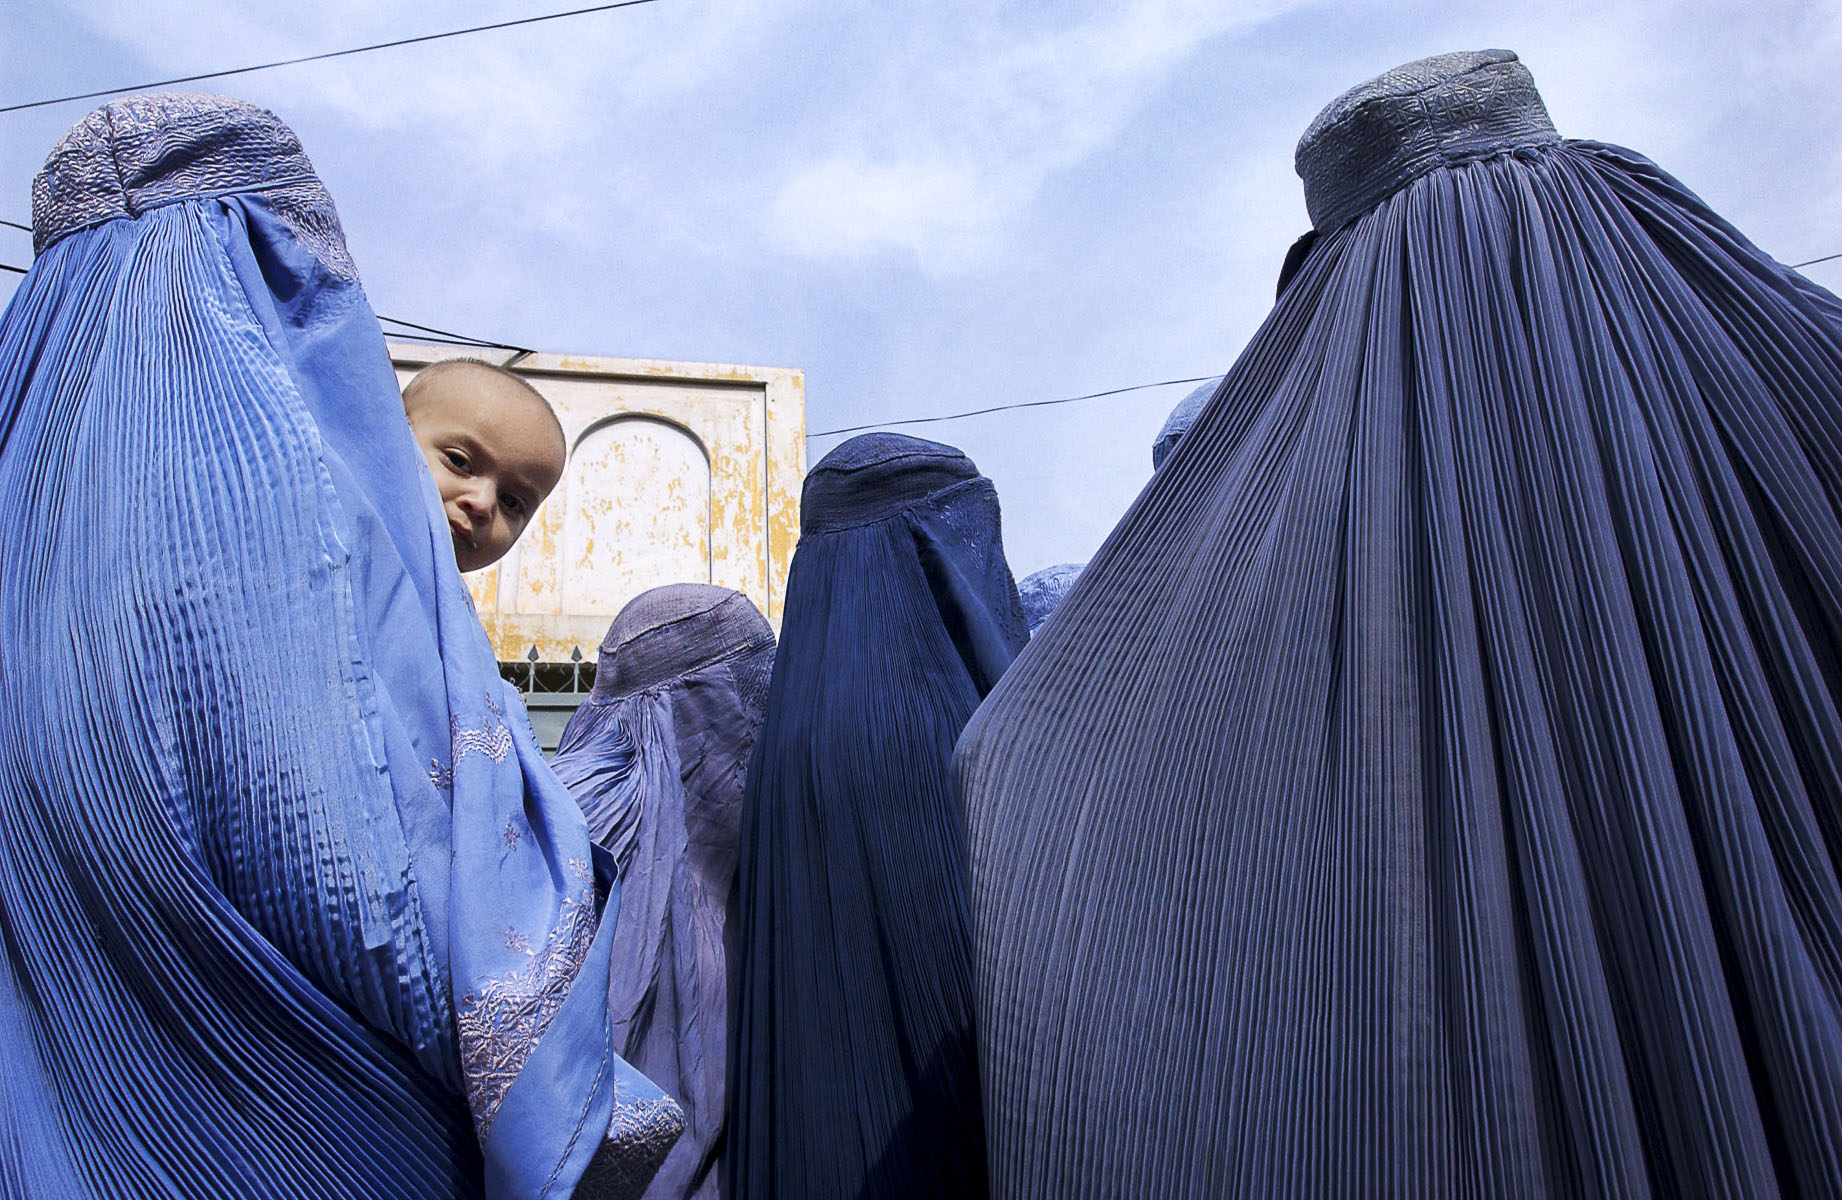 Pakistan, octobre 2001. Réfugiées Afghannes de la region de Kabul,elles viennes chercher soins et nourriture a Peshawar dans une clinique pour femmes près de Peshawar.Pakistan, Octobre 2001. Afghans refugees from Kabul district, seek for food and medication in a women hospital near Peshawar.